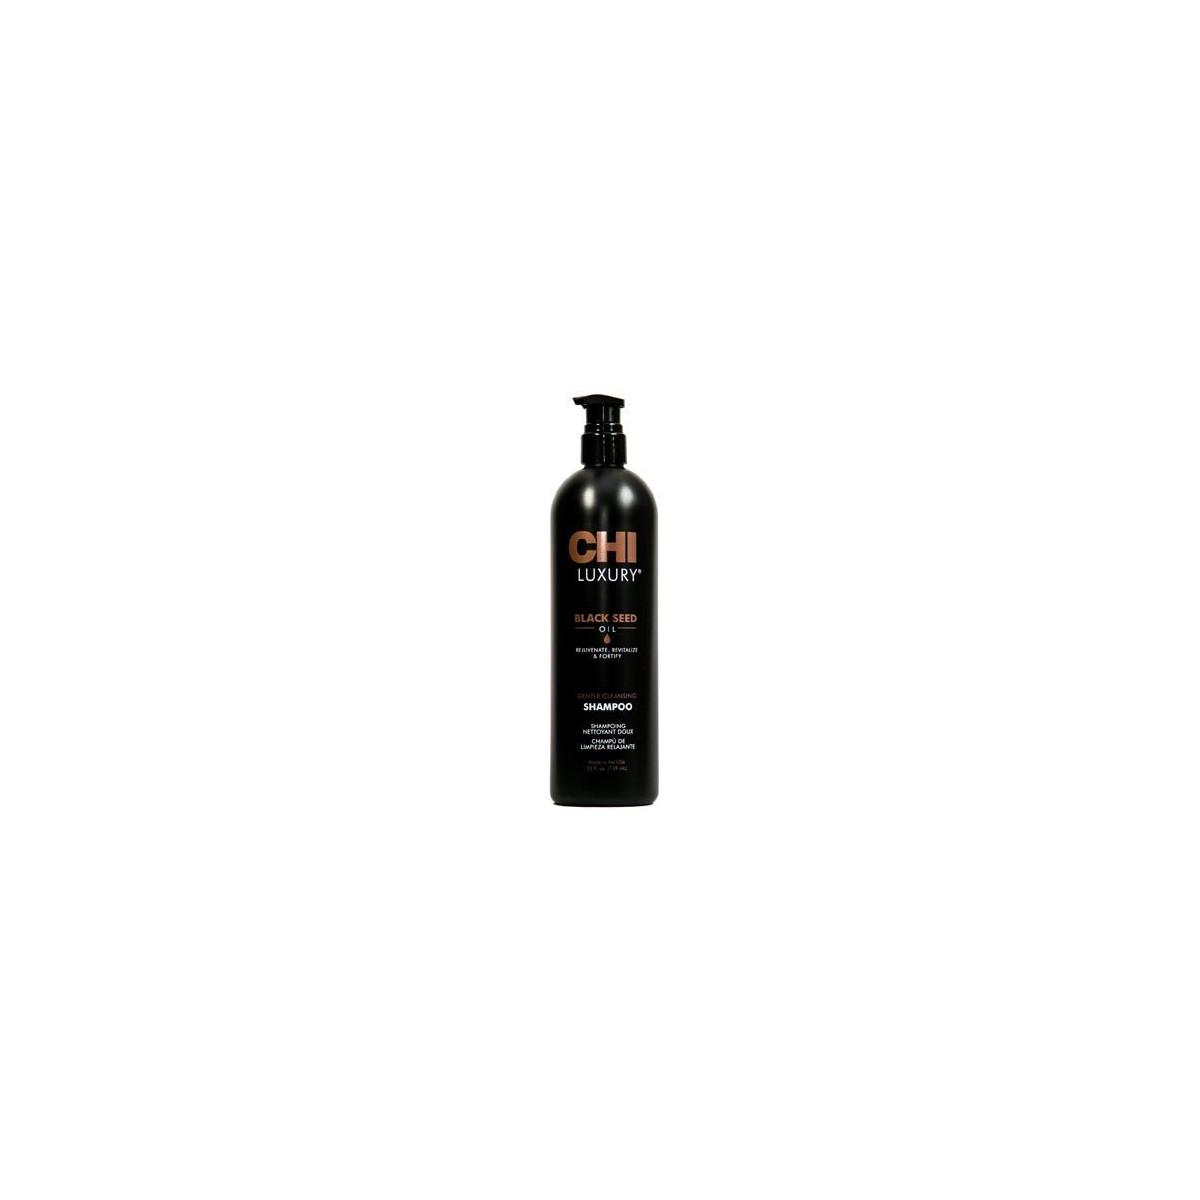 CHI Luxury Black Seed Oil, Szampon bez SLS, pielęgnujący 739ml